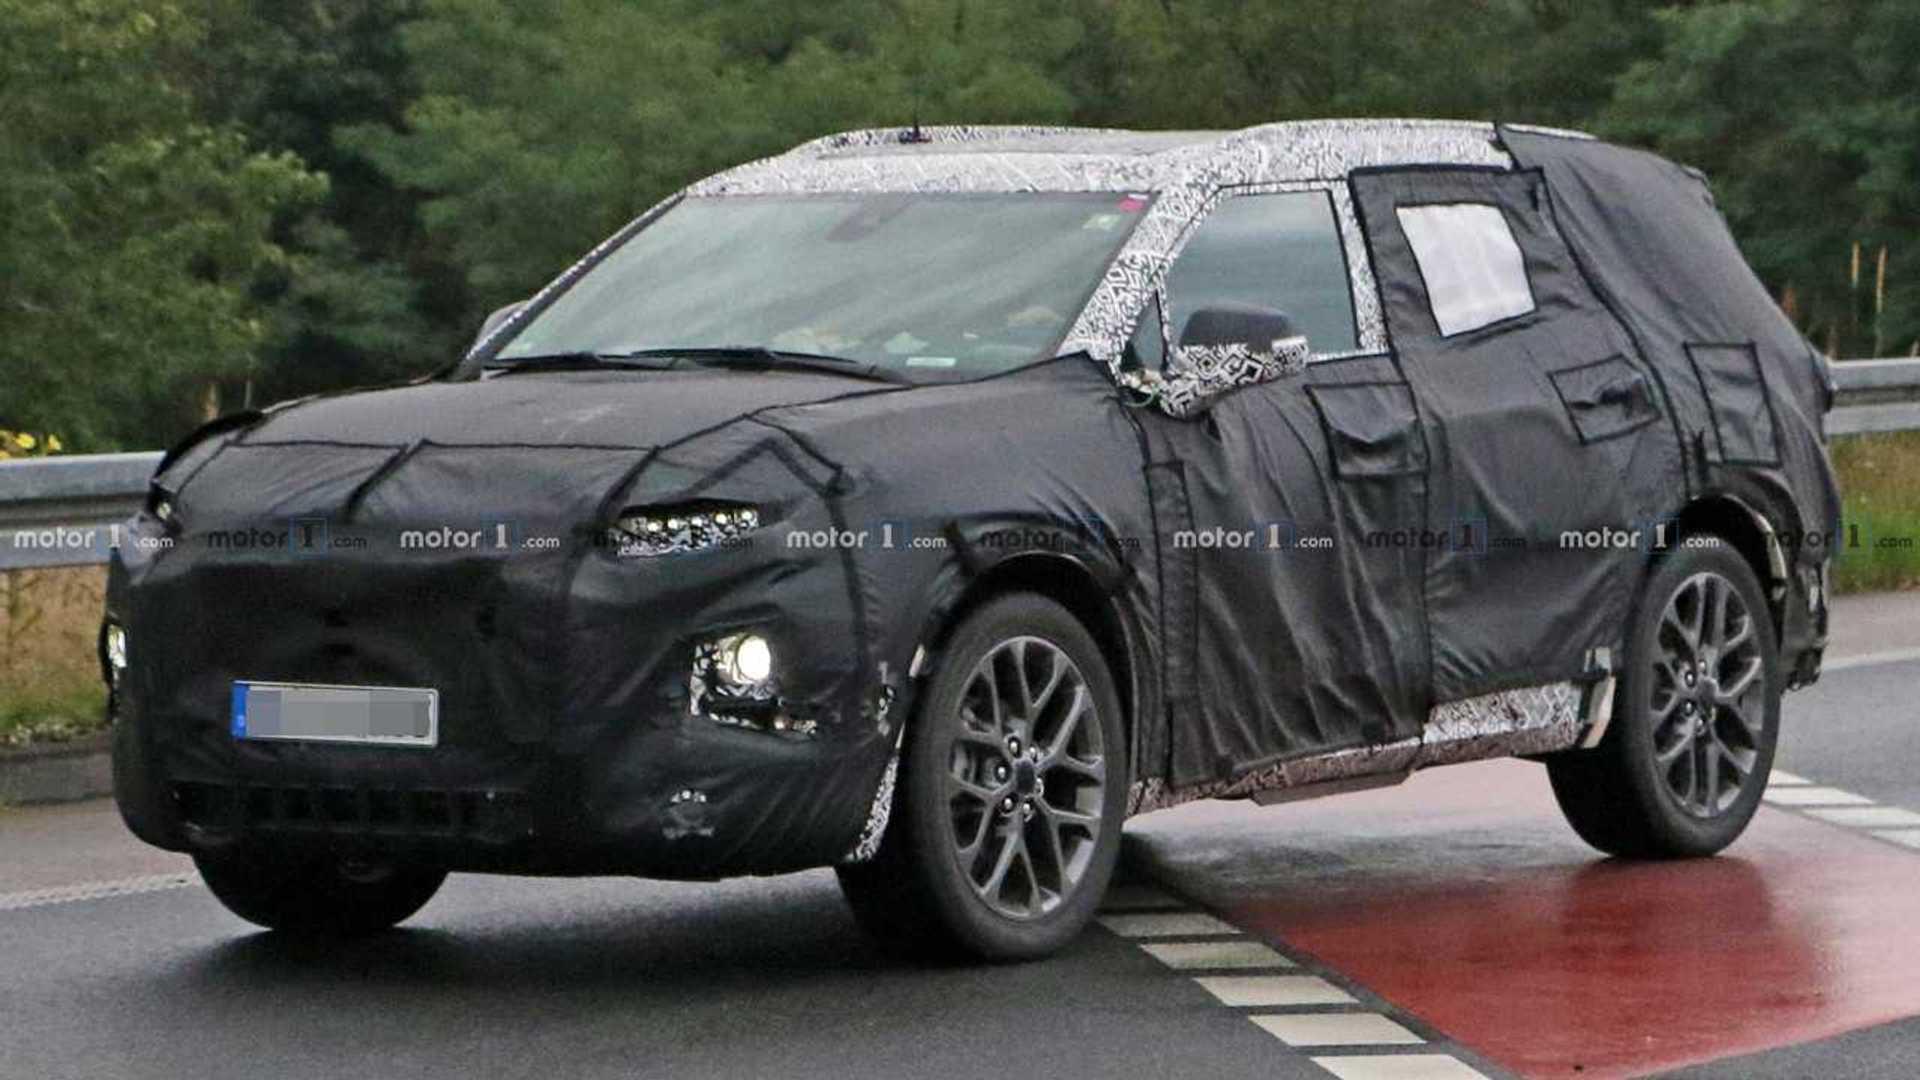 2018 - [Chevrolet] Blazer - Page 2 Chevrolet-blazer-xl-spy-shots